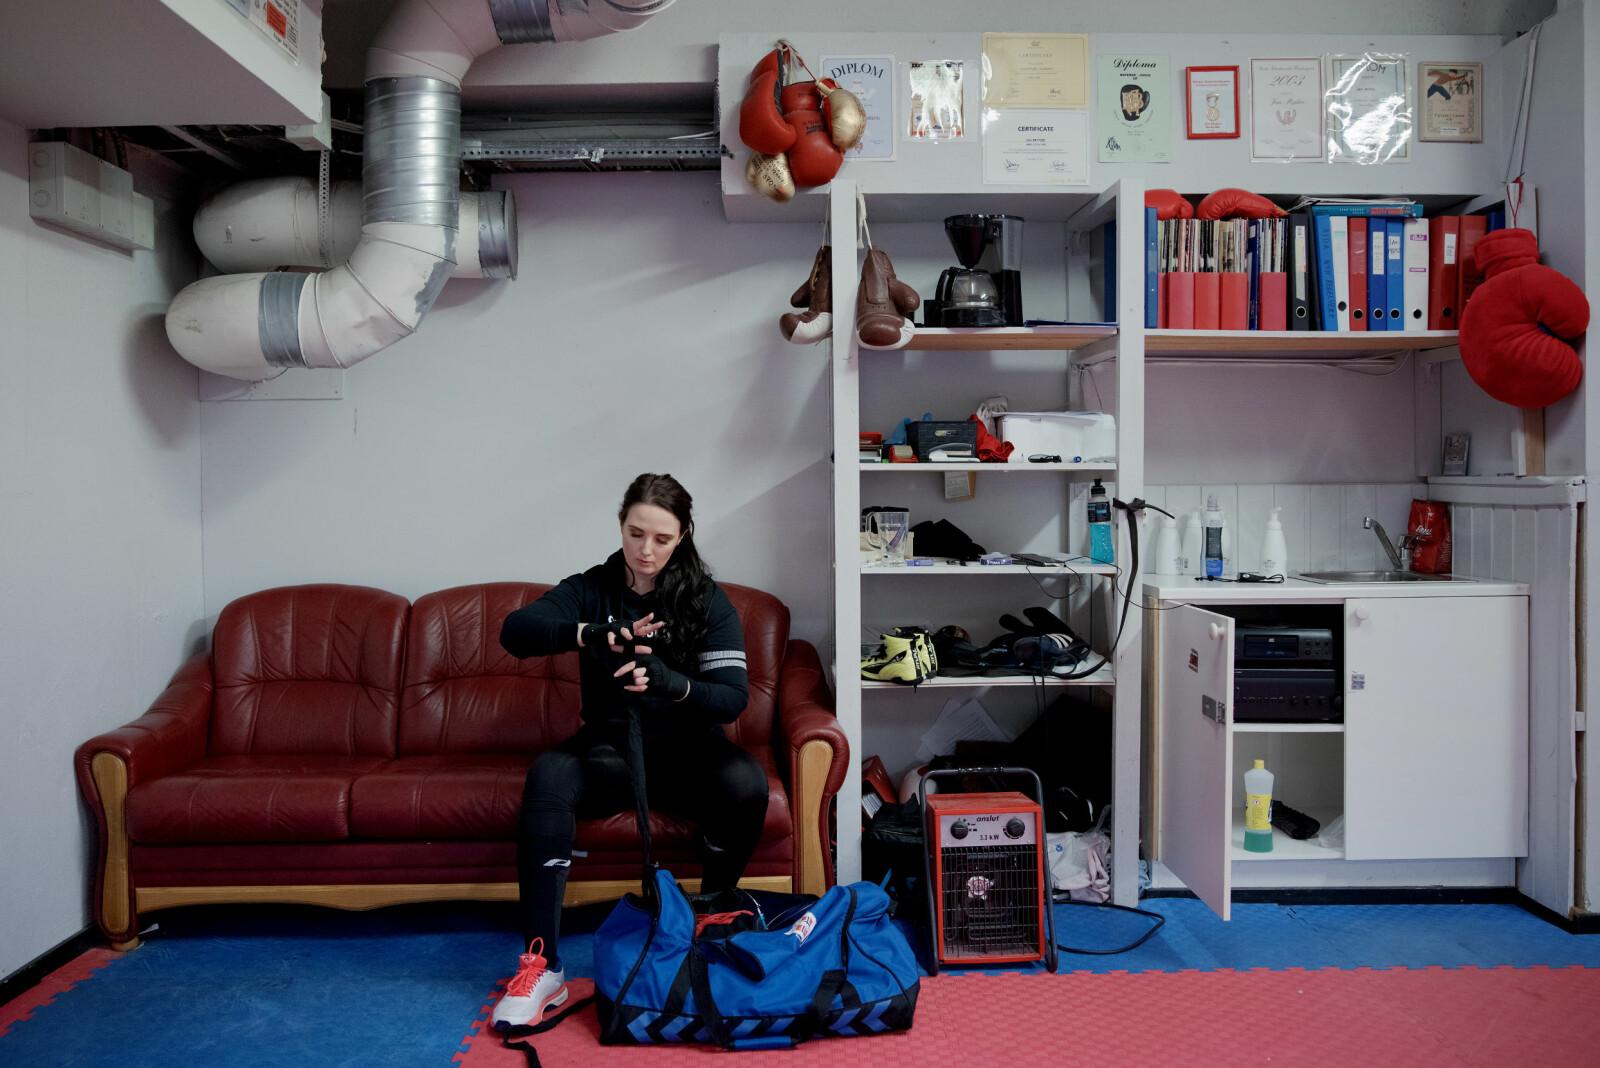 Trening, trening, trening. — Dersom eg har talent for noko, er det å bestemme meg for noko og så jobbe for å oppnå det, seier Anne Tjønndal, og meiner det same gjeld for boksing som fagleg, akademisk arbeid.